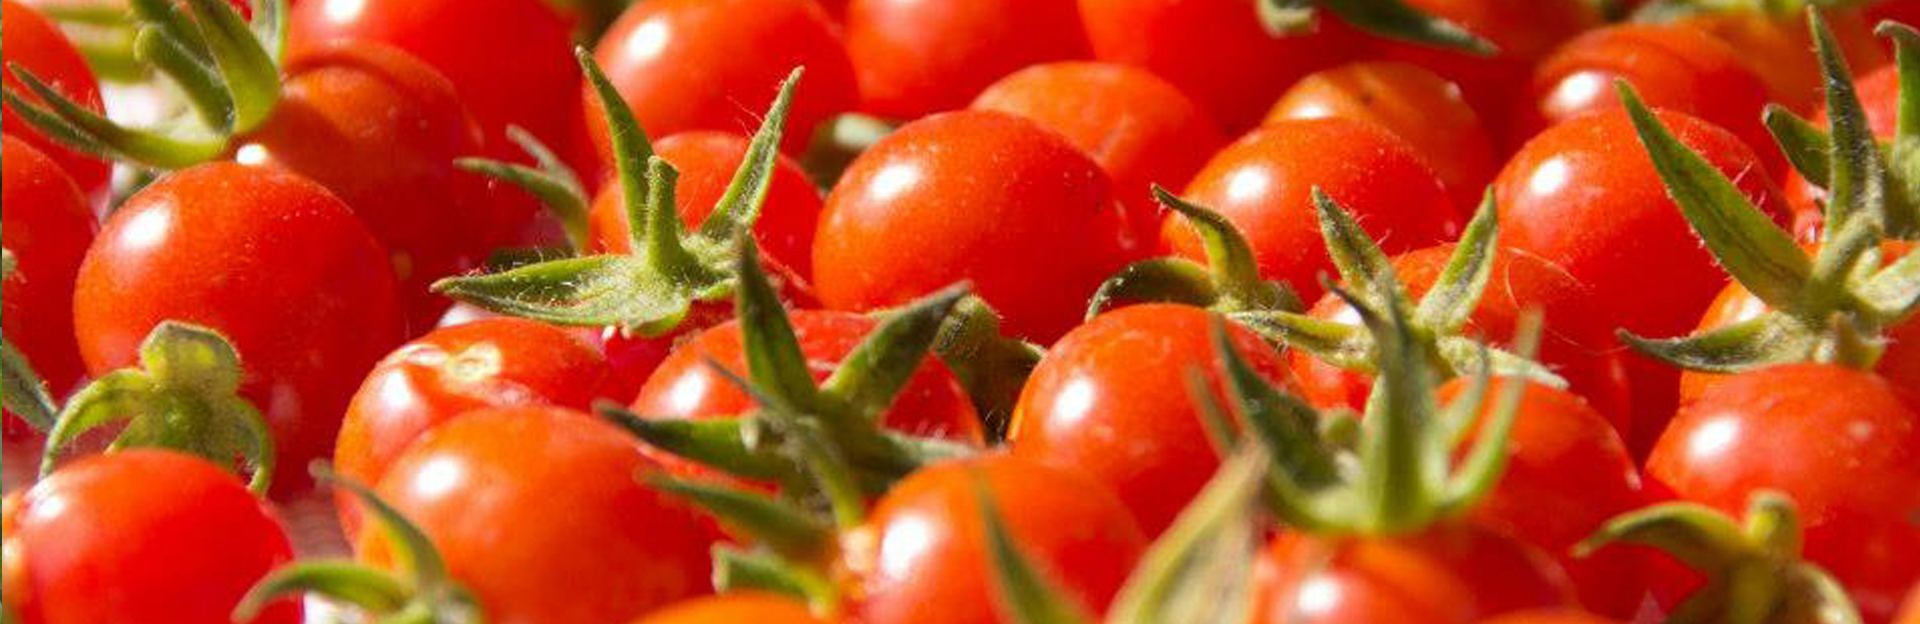 Bioalgarrobo Frutas y hortalizas ecológicas de Málaga